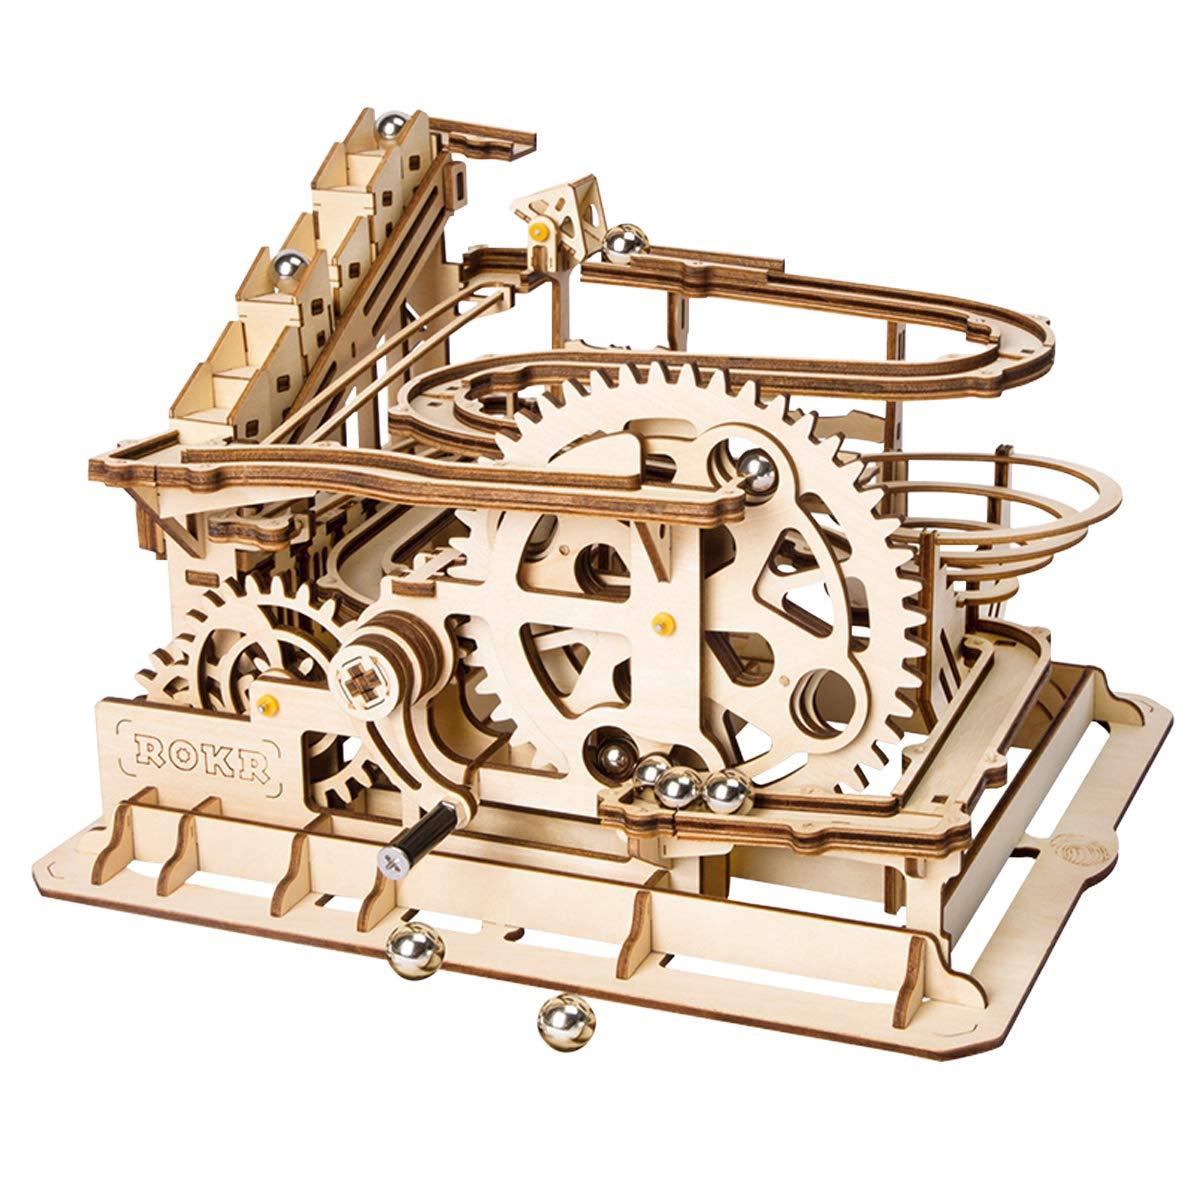 ベストセラー Robotime 3d木製パズルDIYアセンブリのレーザーカットクラフトキットWaterwheel Coaster Robotime withスチールボール 14、大人と子供のベスト誕生日ギフトAge 14 Coaster + B07BFSP8FV, 6DEGREES-ONLINE:be5050d3 --- a0267596.xsph.ru